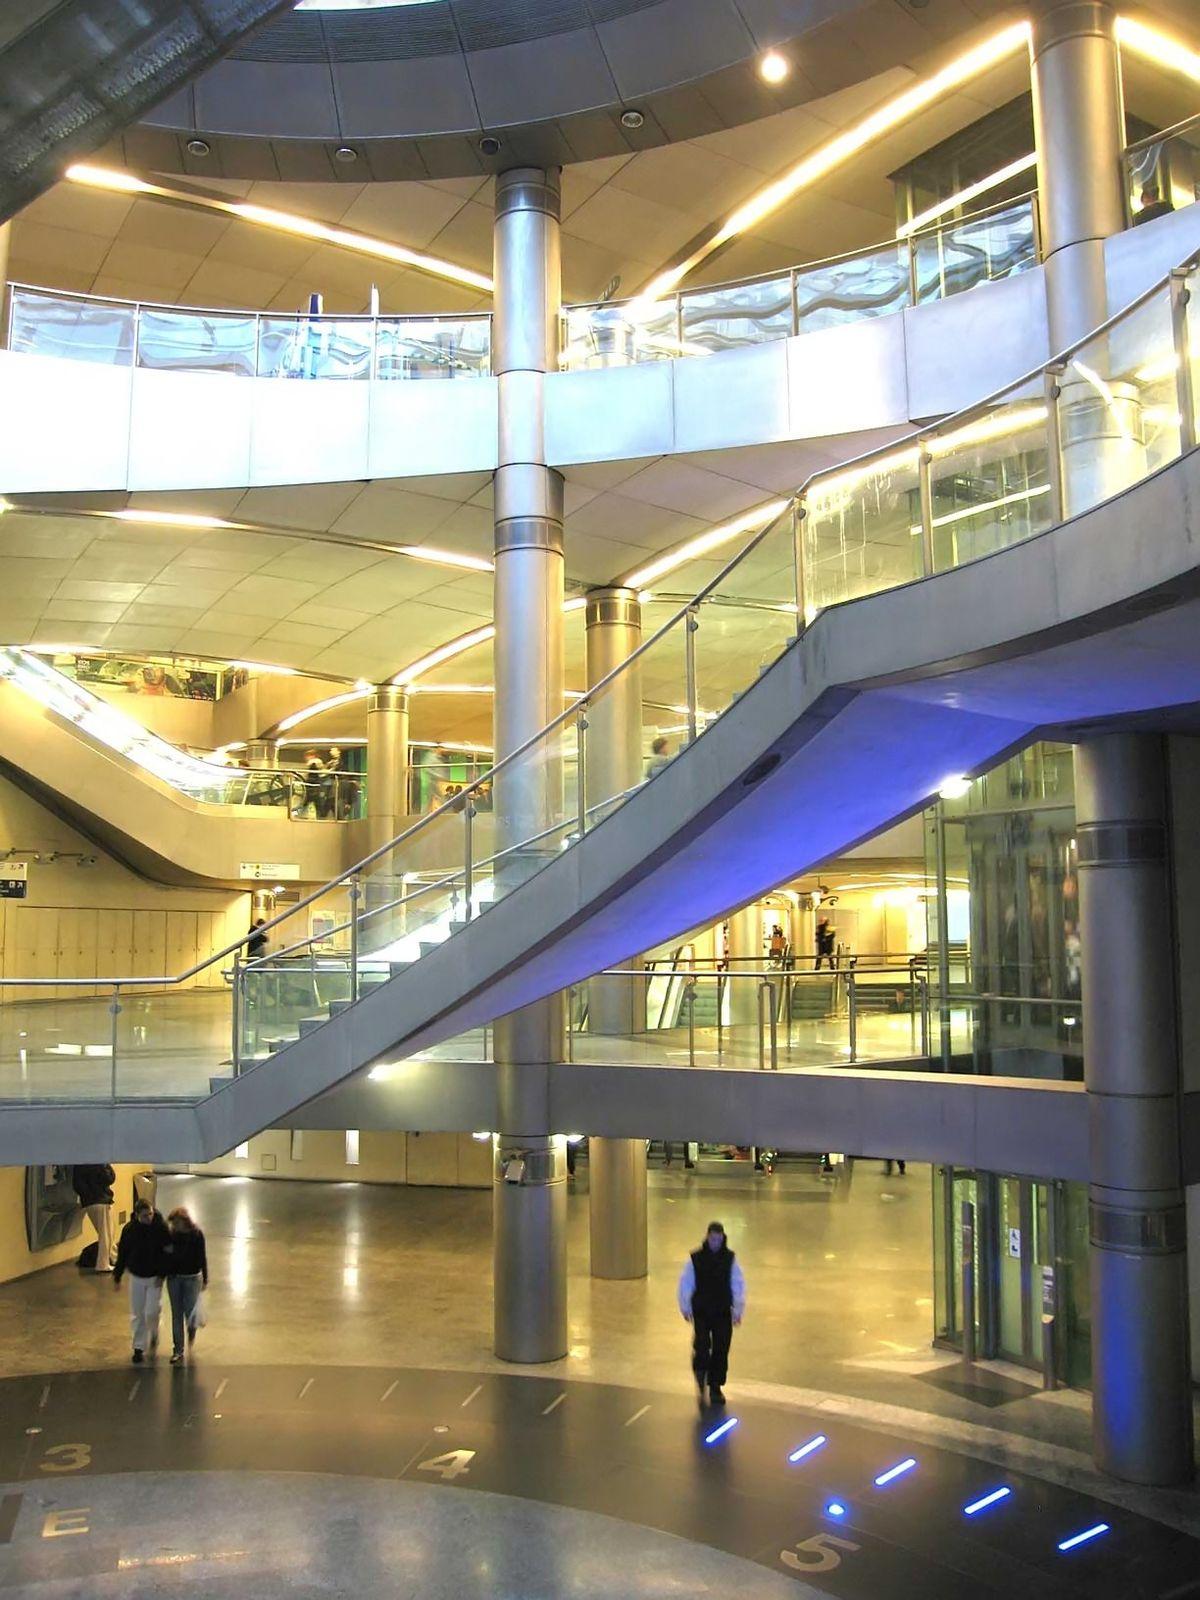 Paryse Metro - Wikipedia